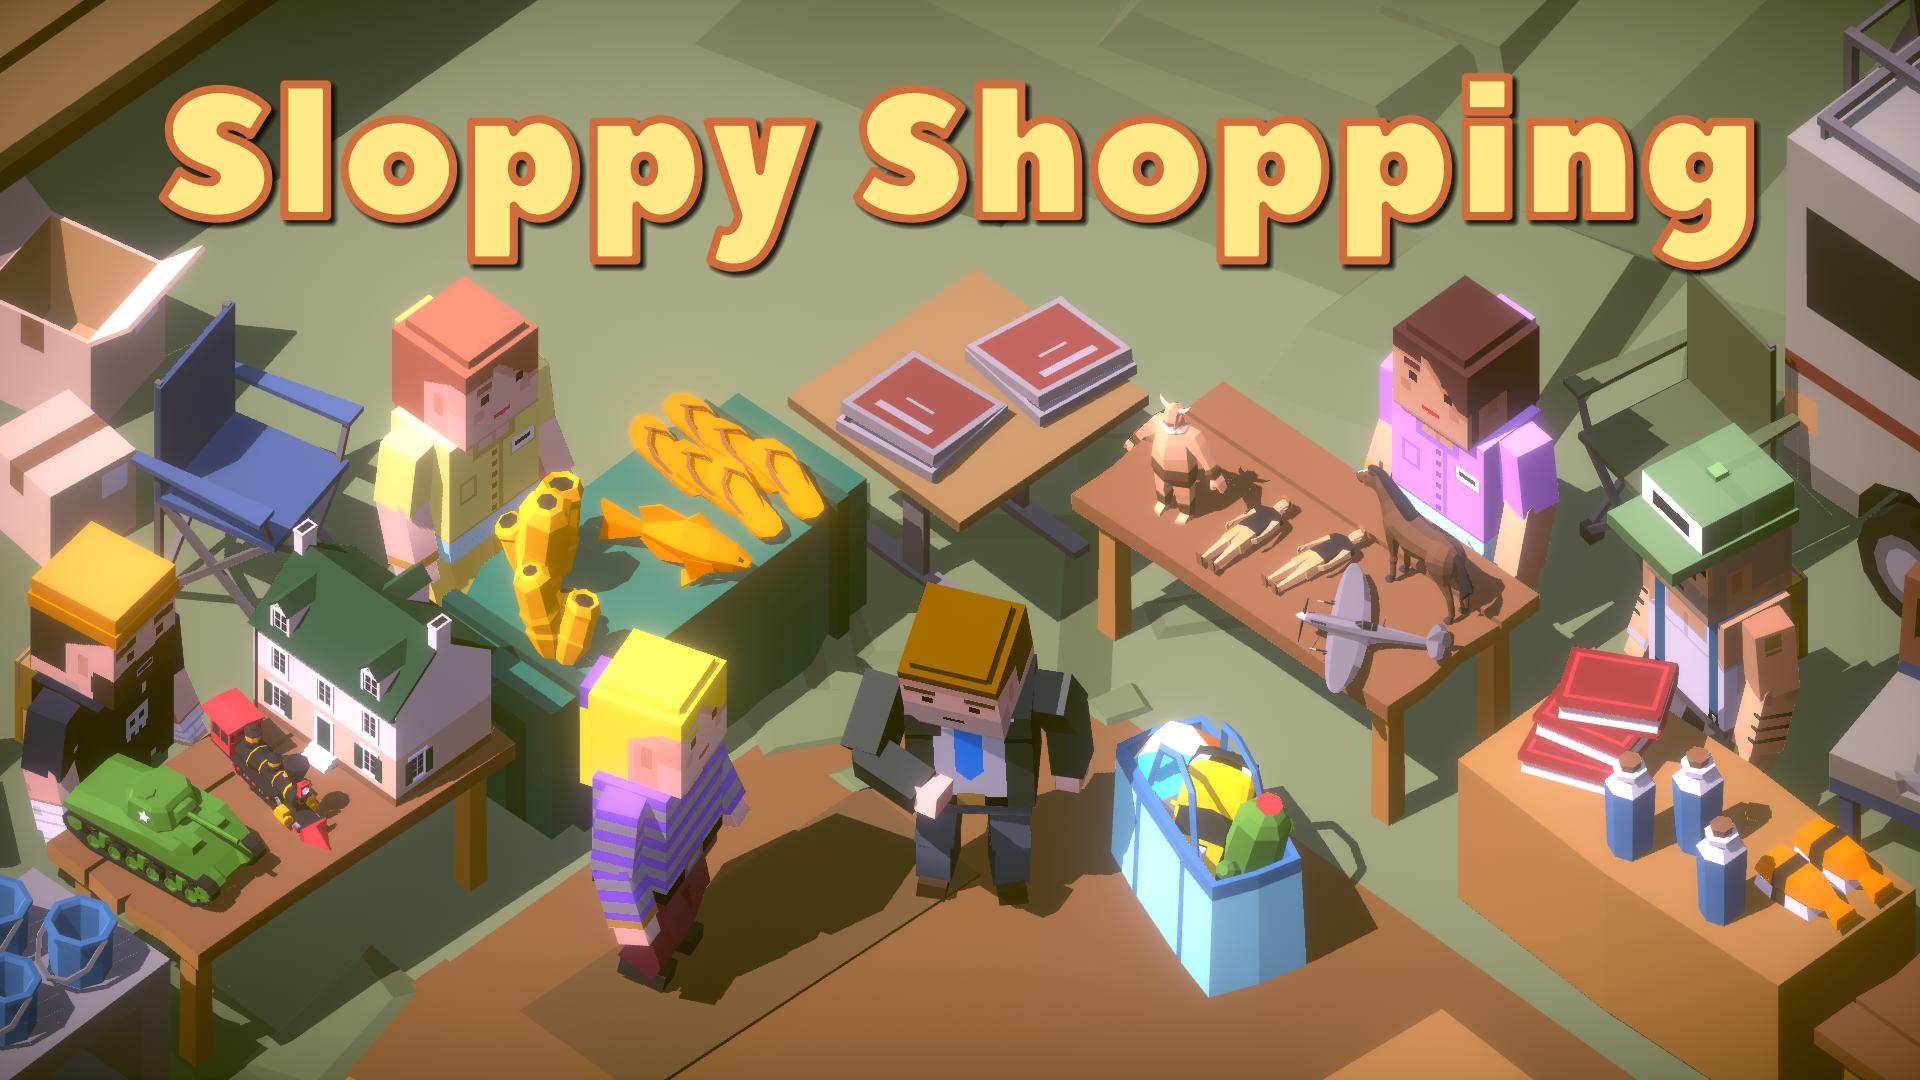 Sloppy Shopping